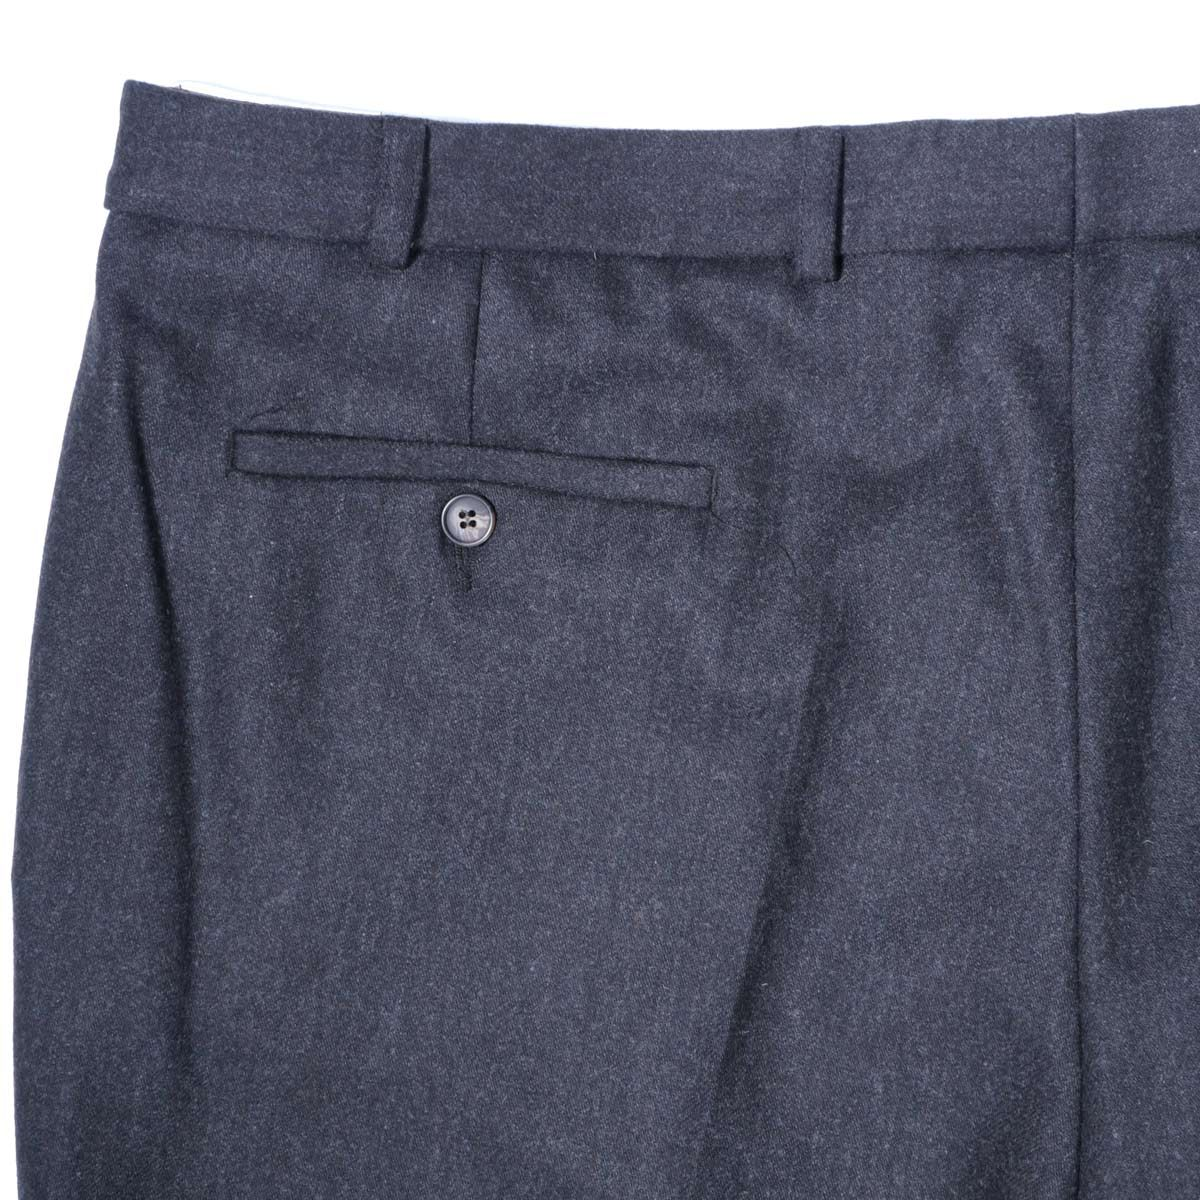 pantalon laine marron pour homme fort grande taille. Black Bedroom Furniture Sets. Home Design Ideas